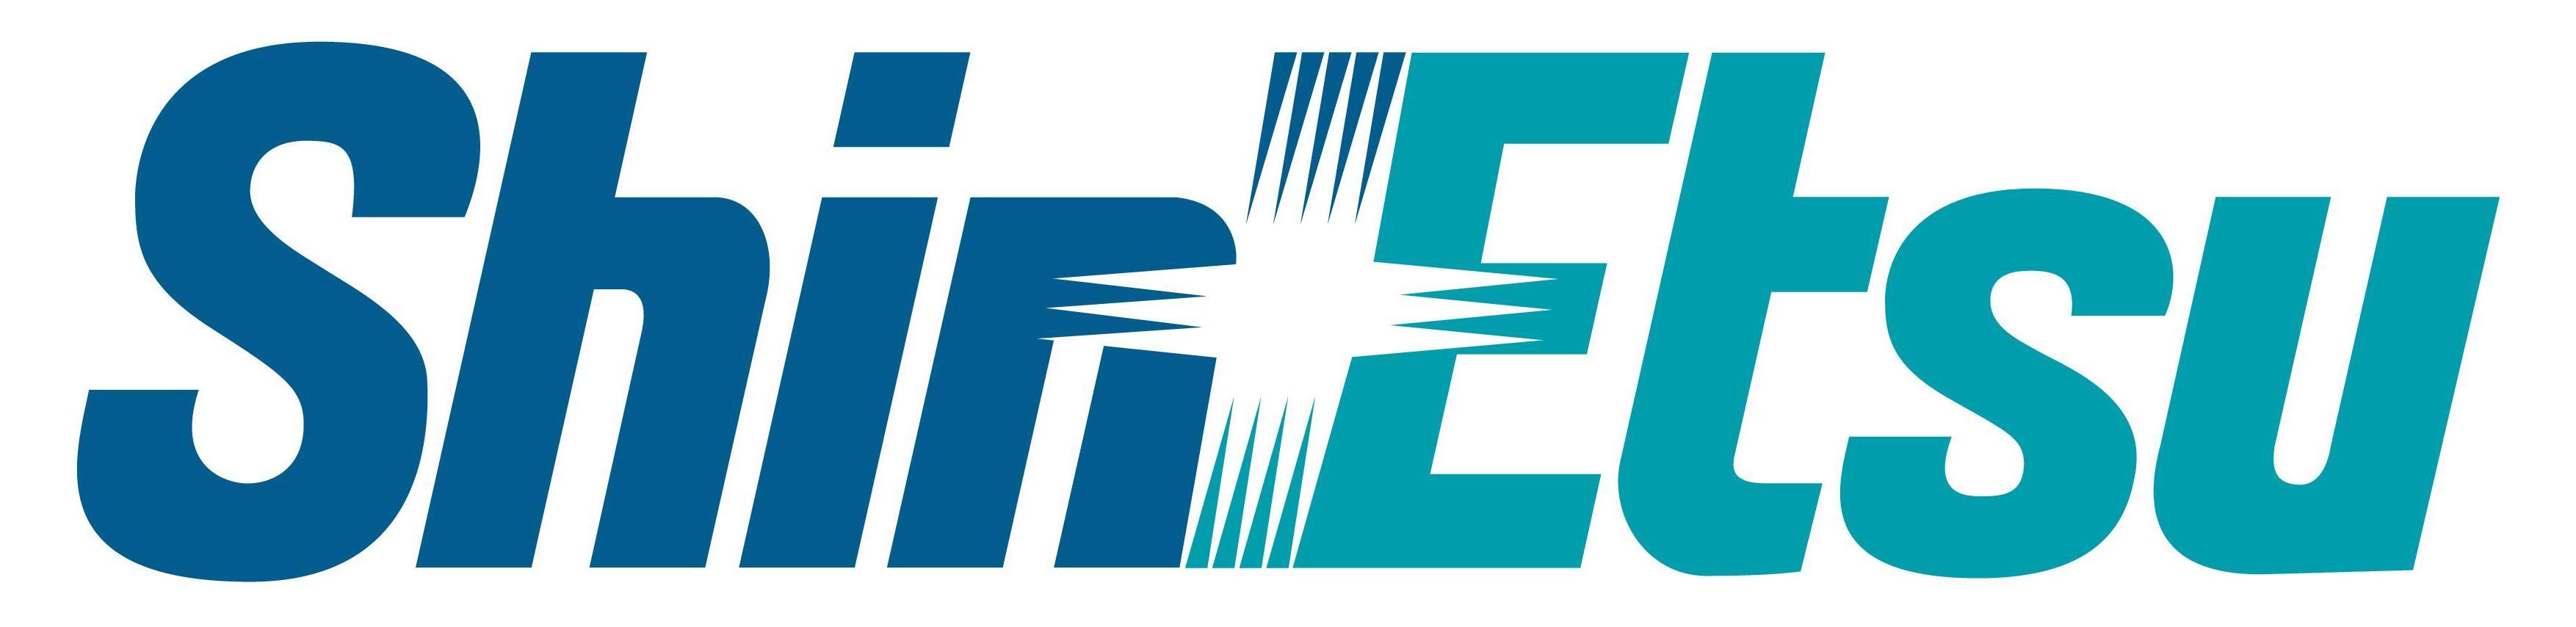 日本レジン株式会社は信越化学工業株式会社のグループ企業です